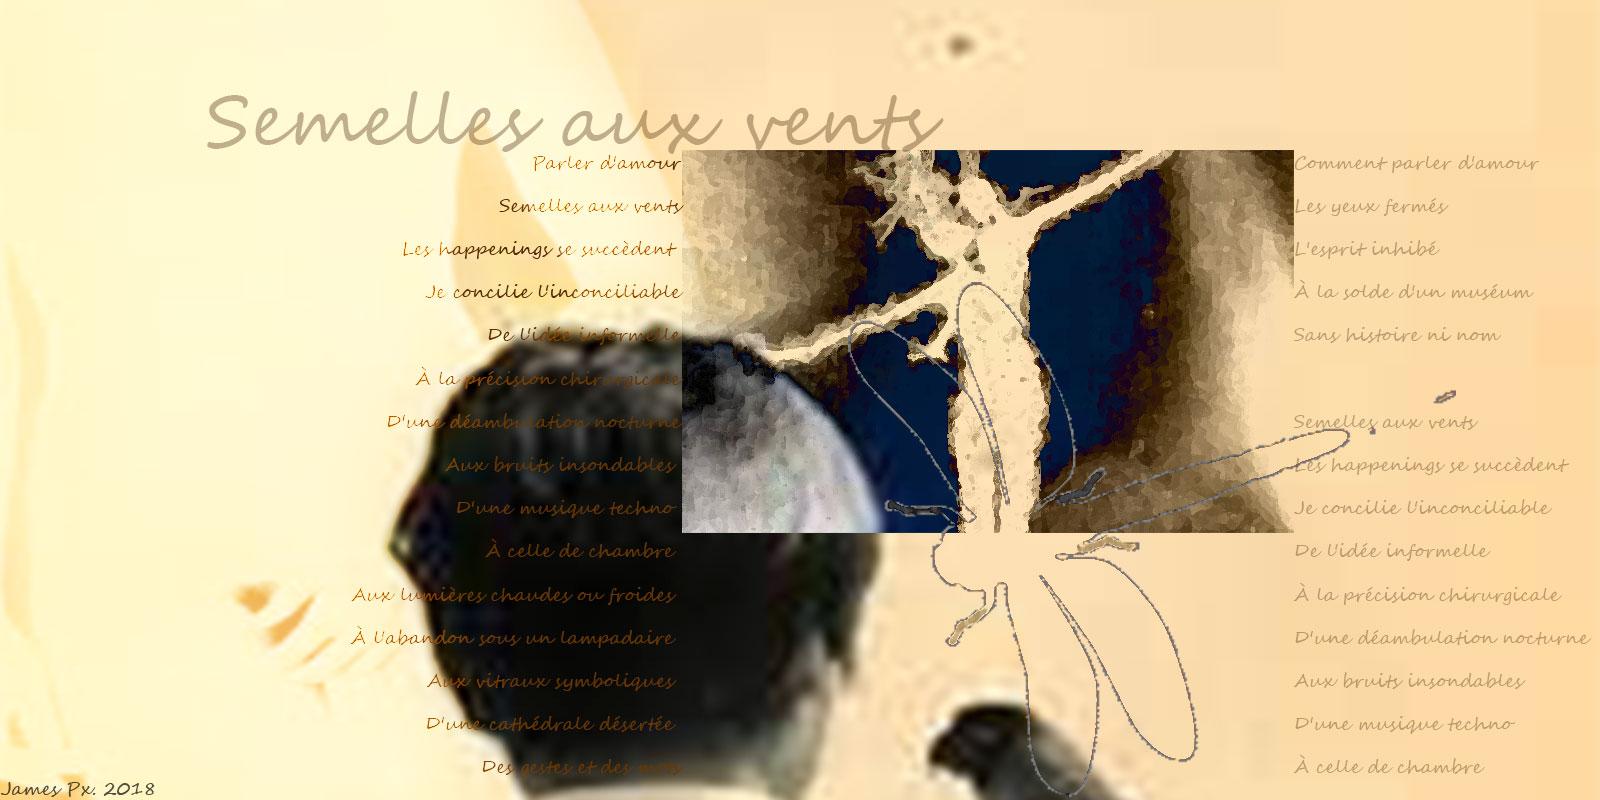 Semelles aux vents 6de4a644e3e95973f25c